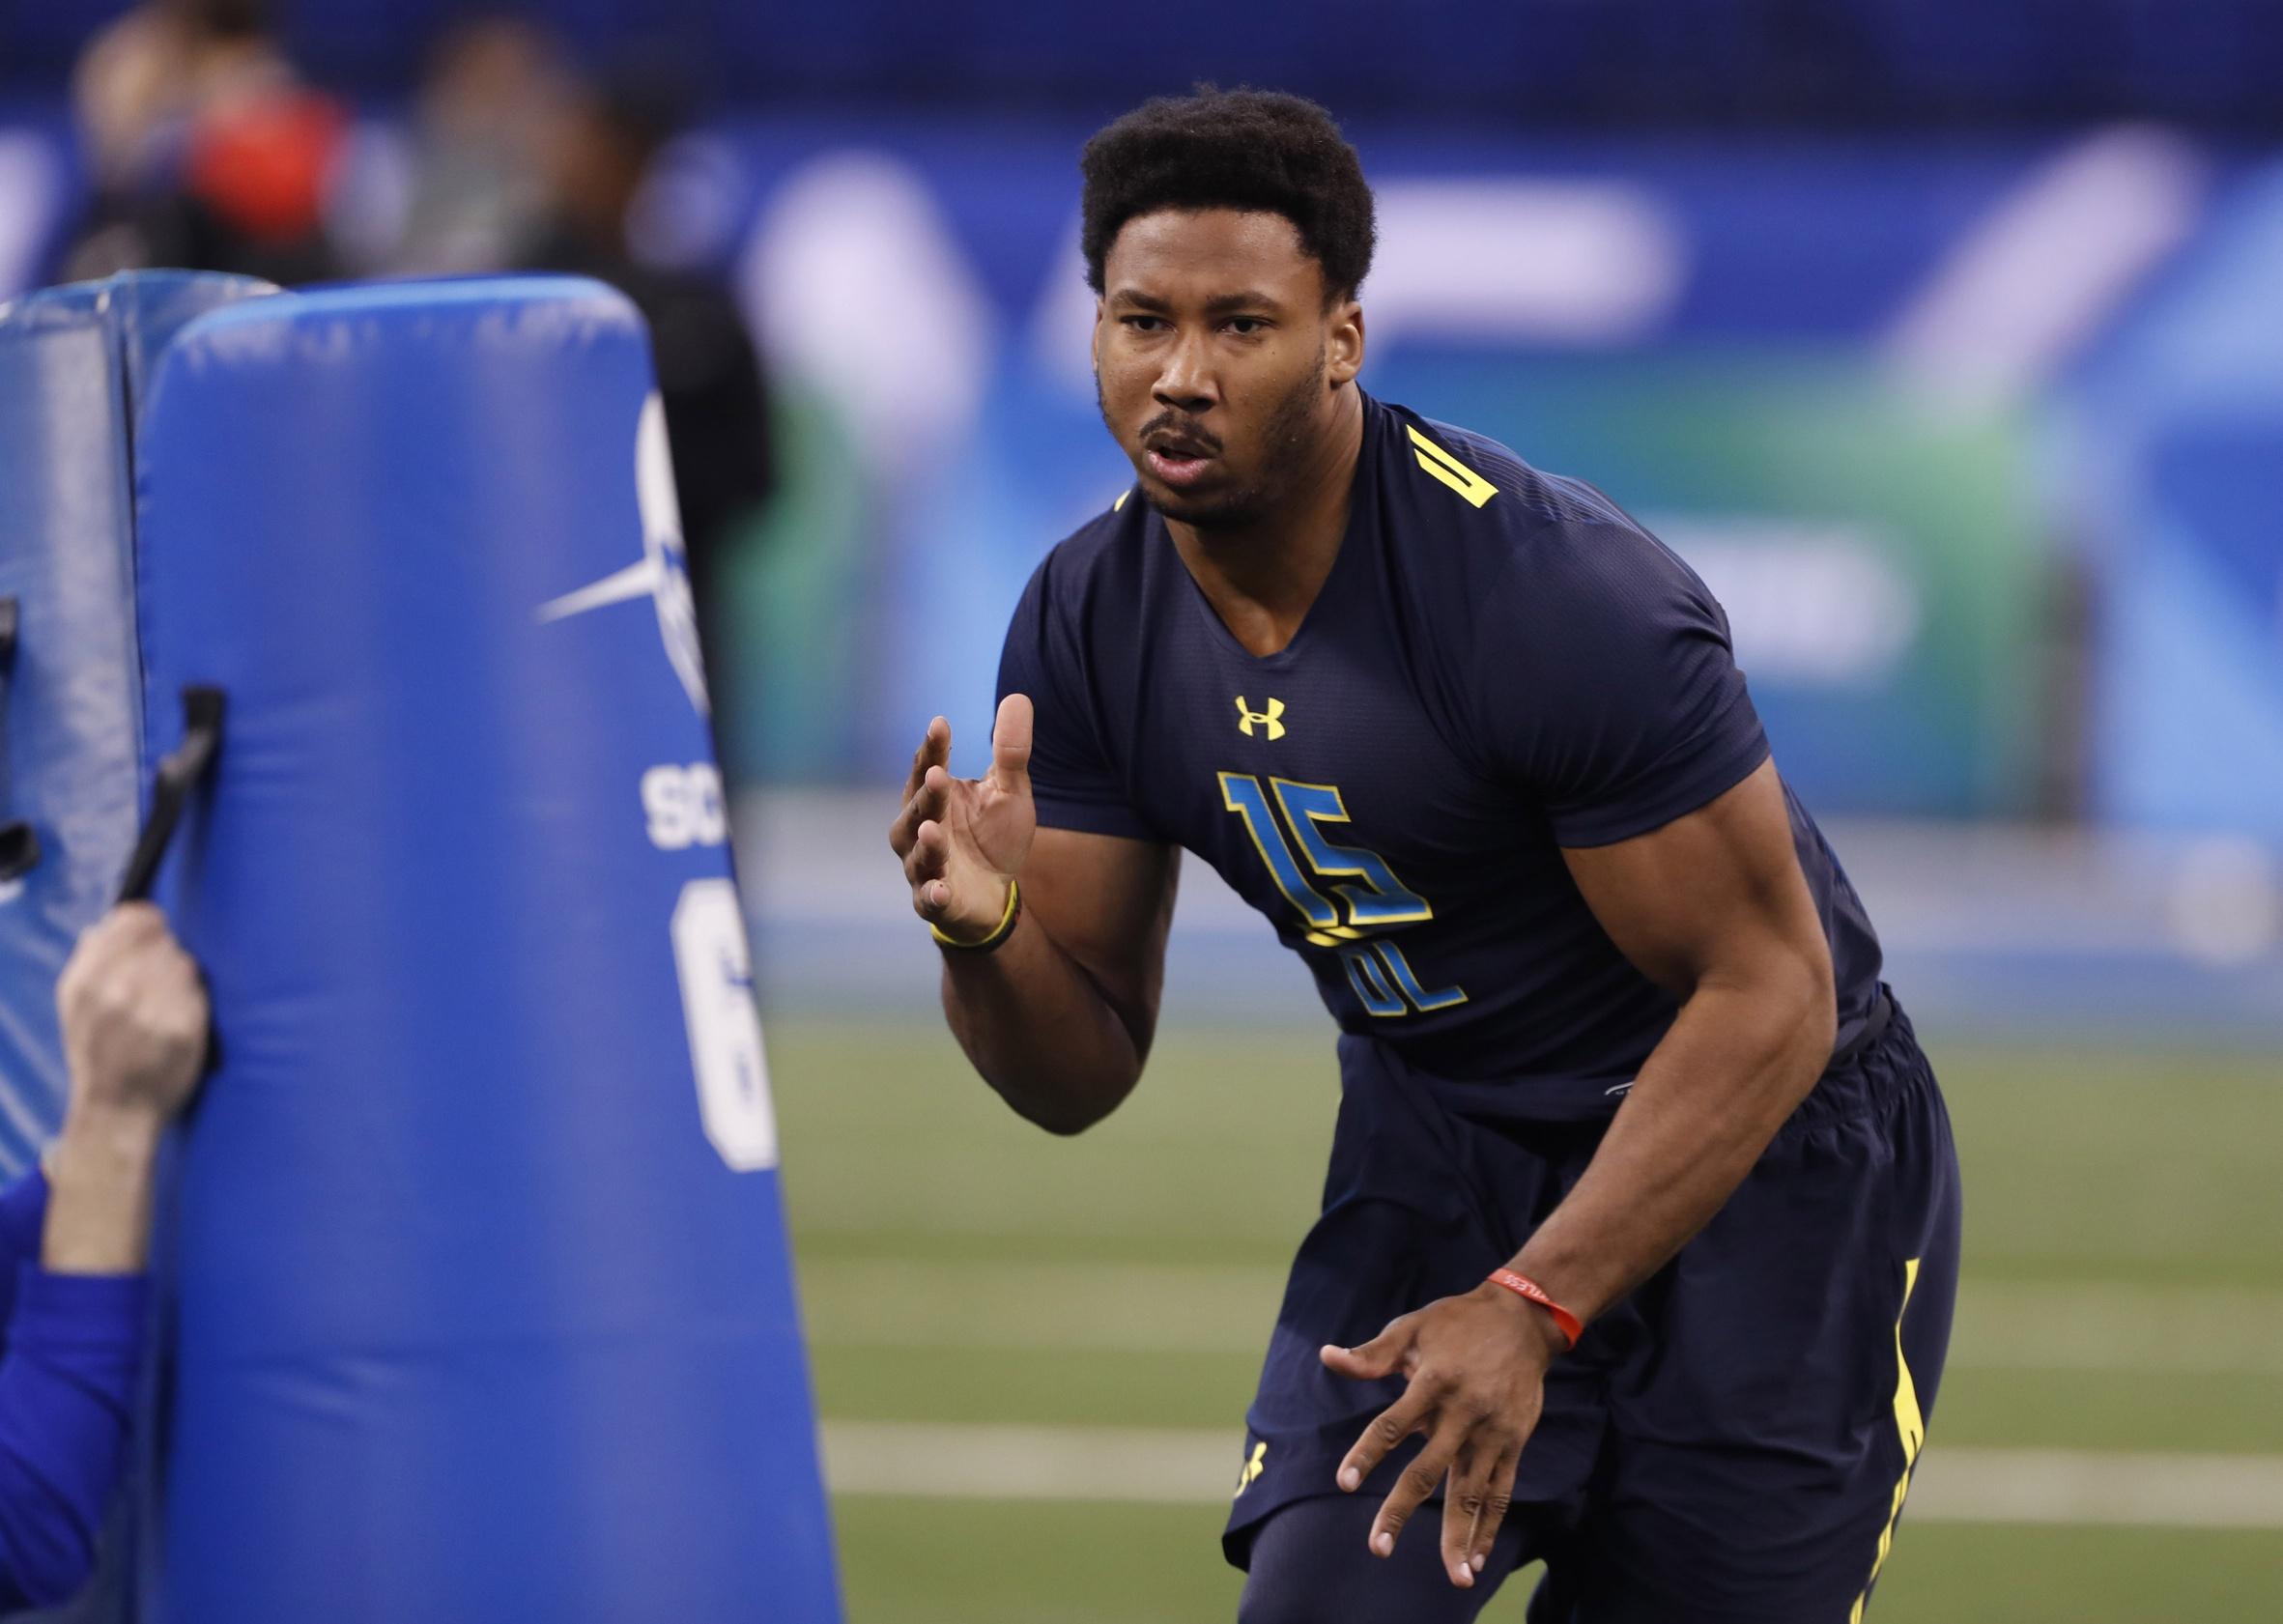 Myles Garrett is a freak among freaks in the NFL Draft